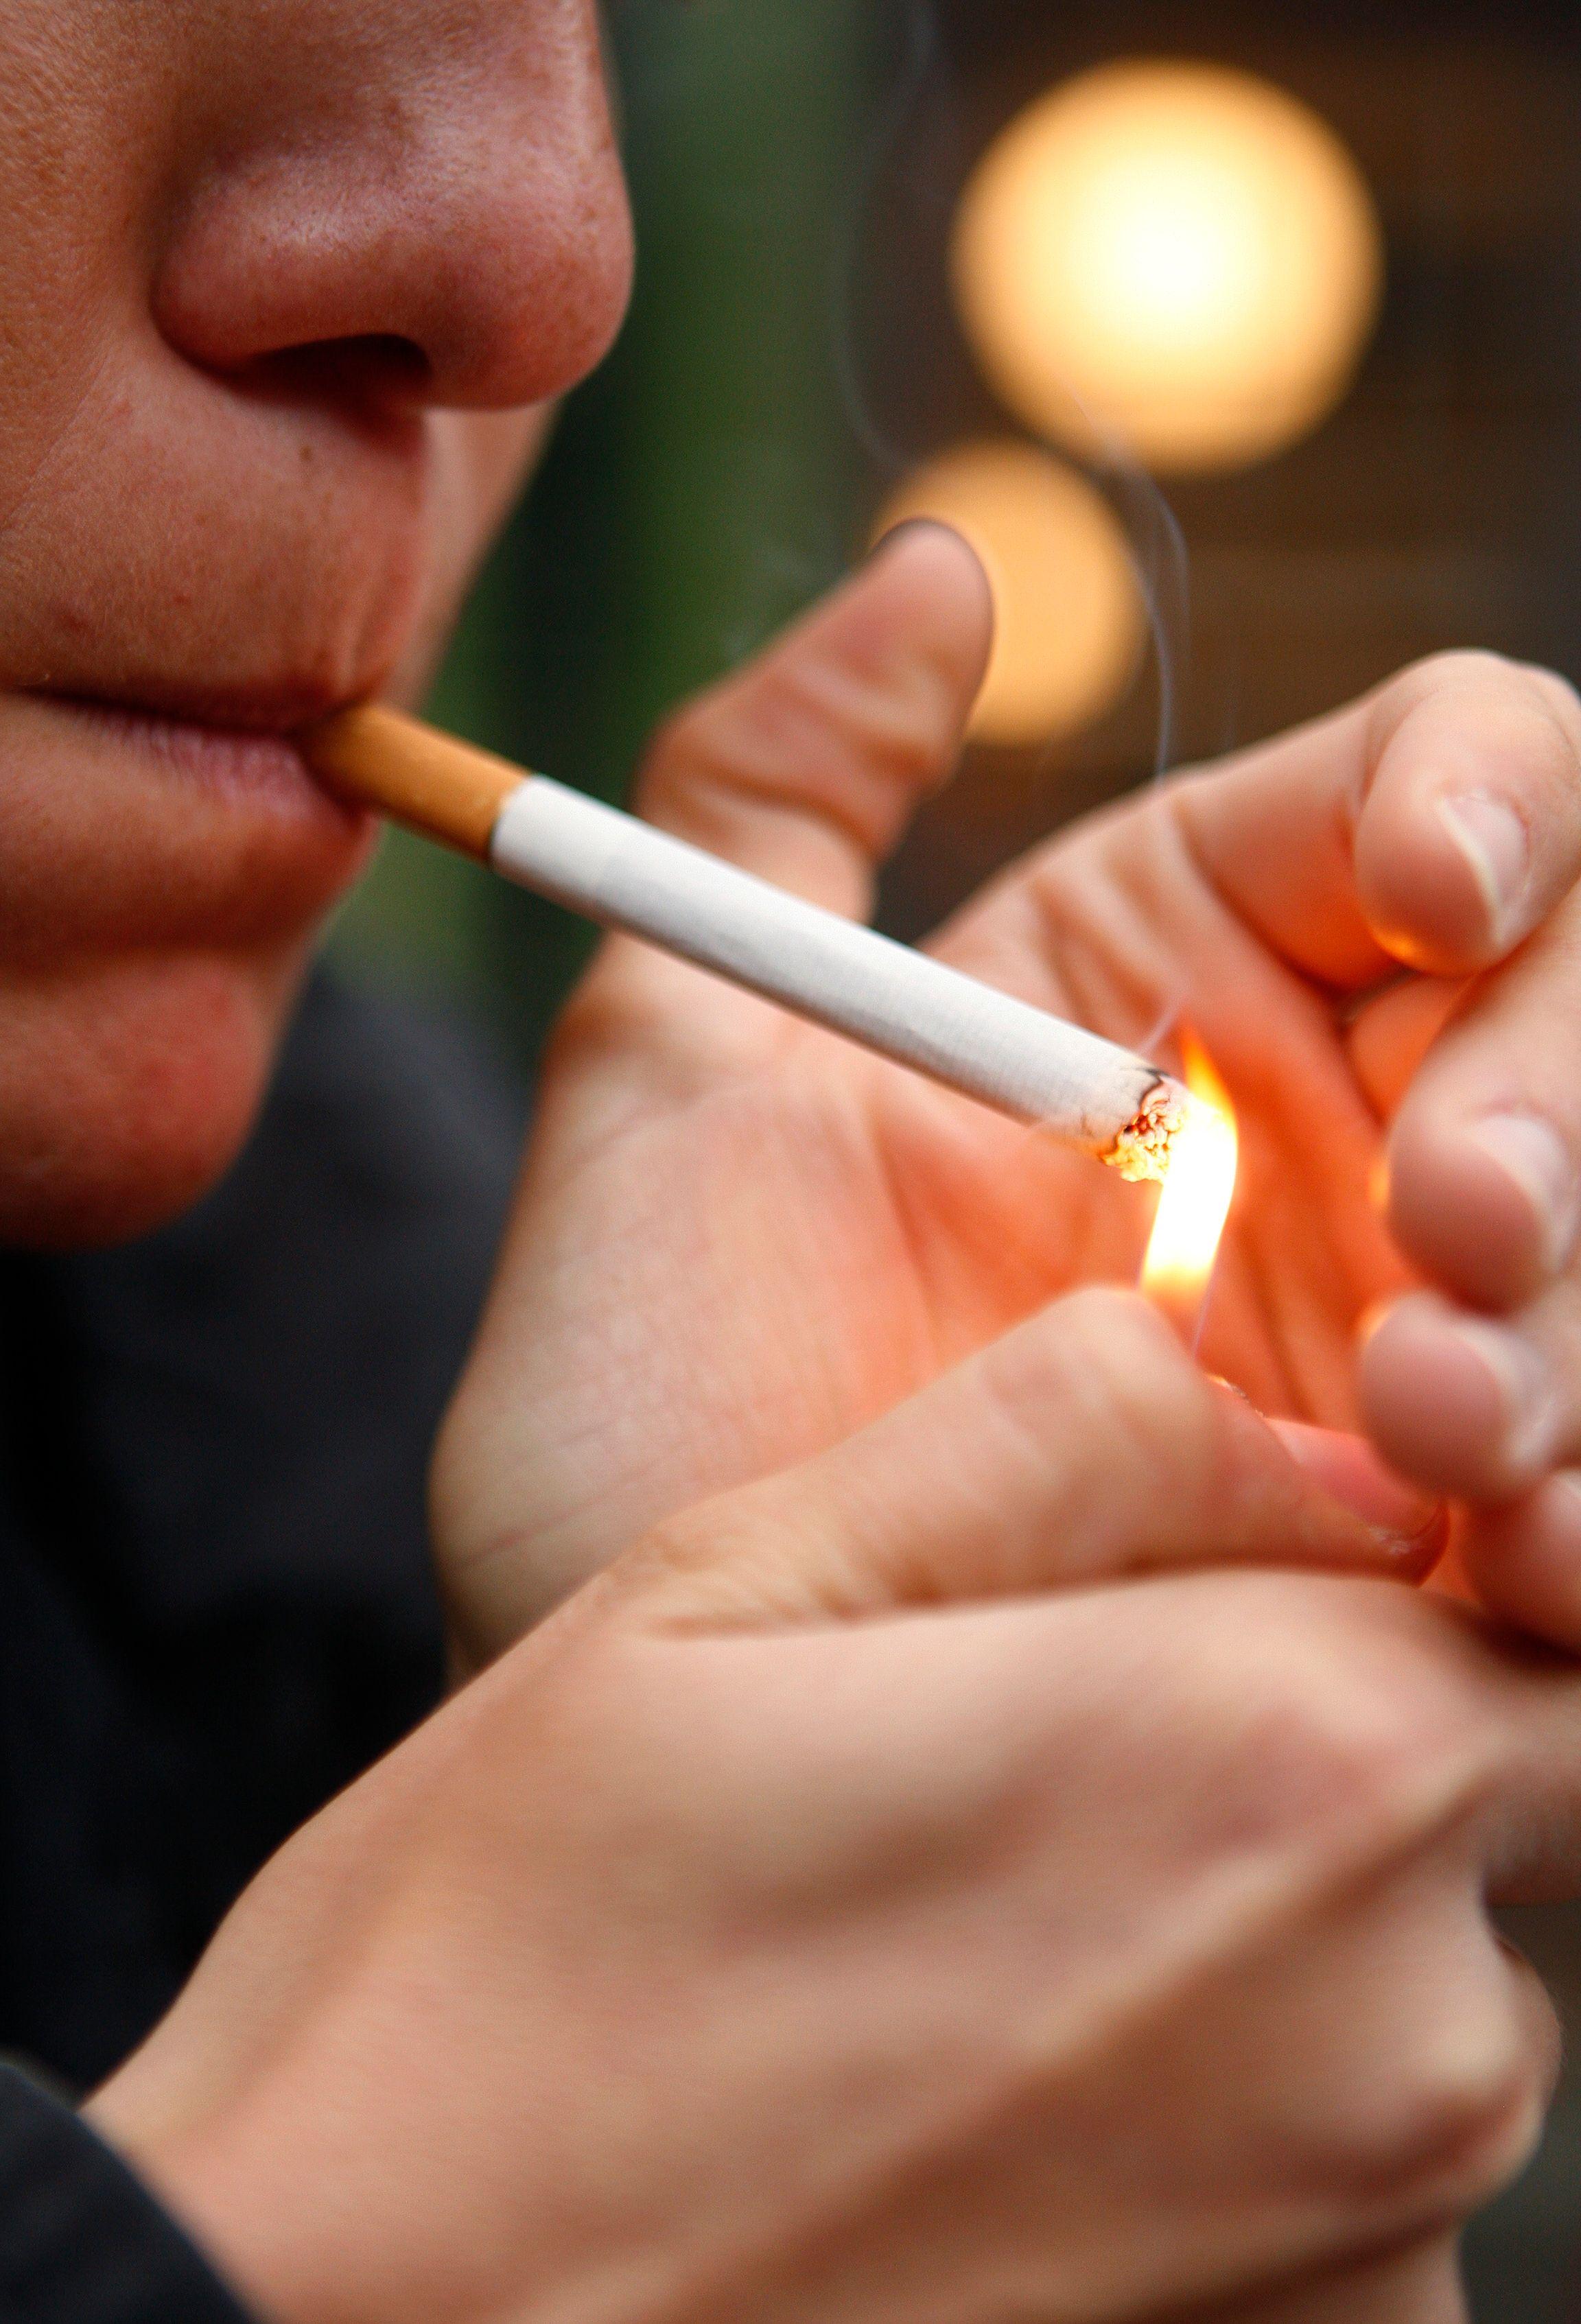 Cigarette : arrêter de fumer rendrait plus heureux